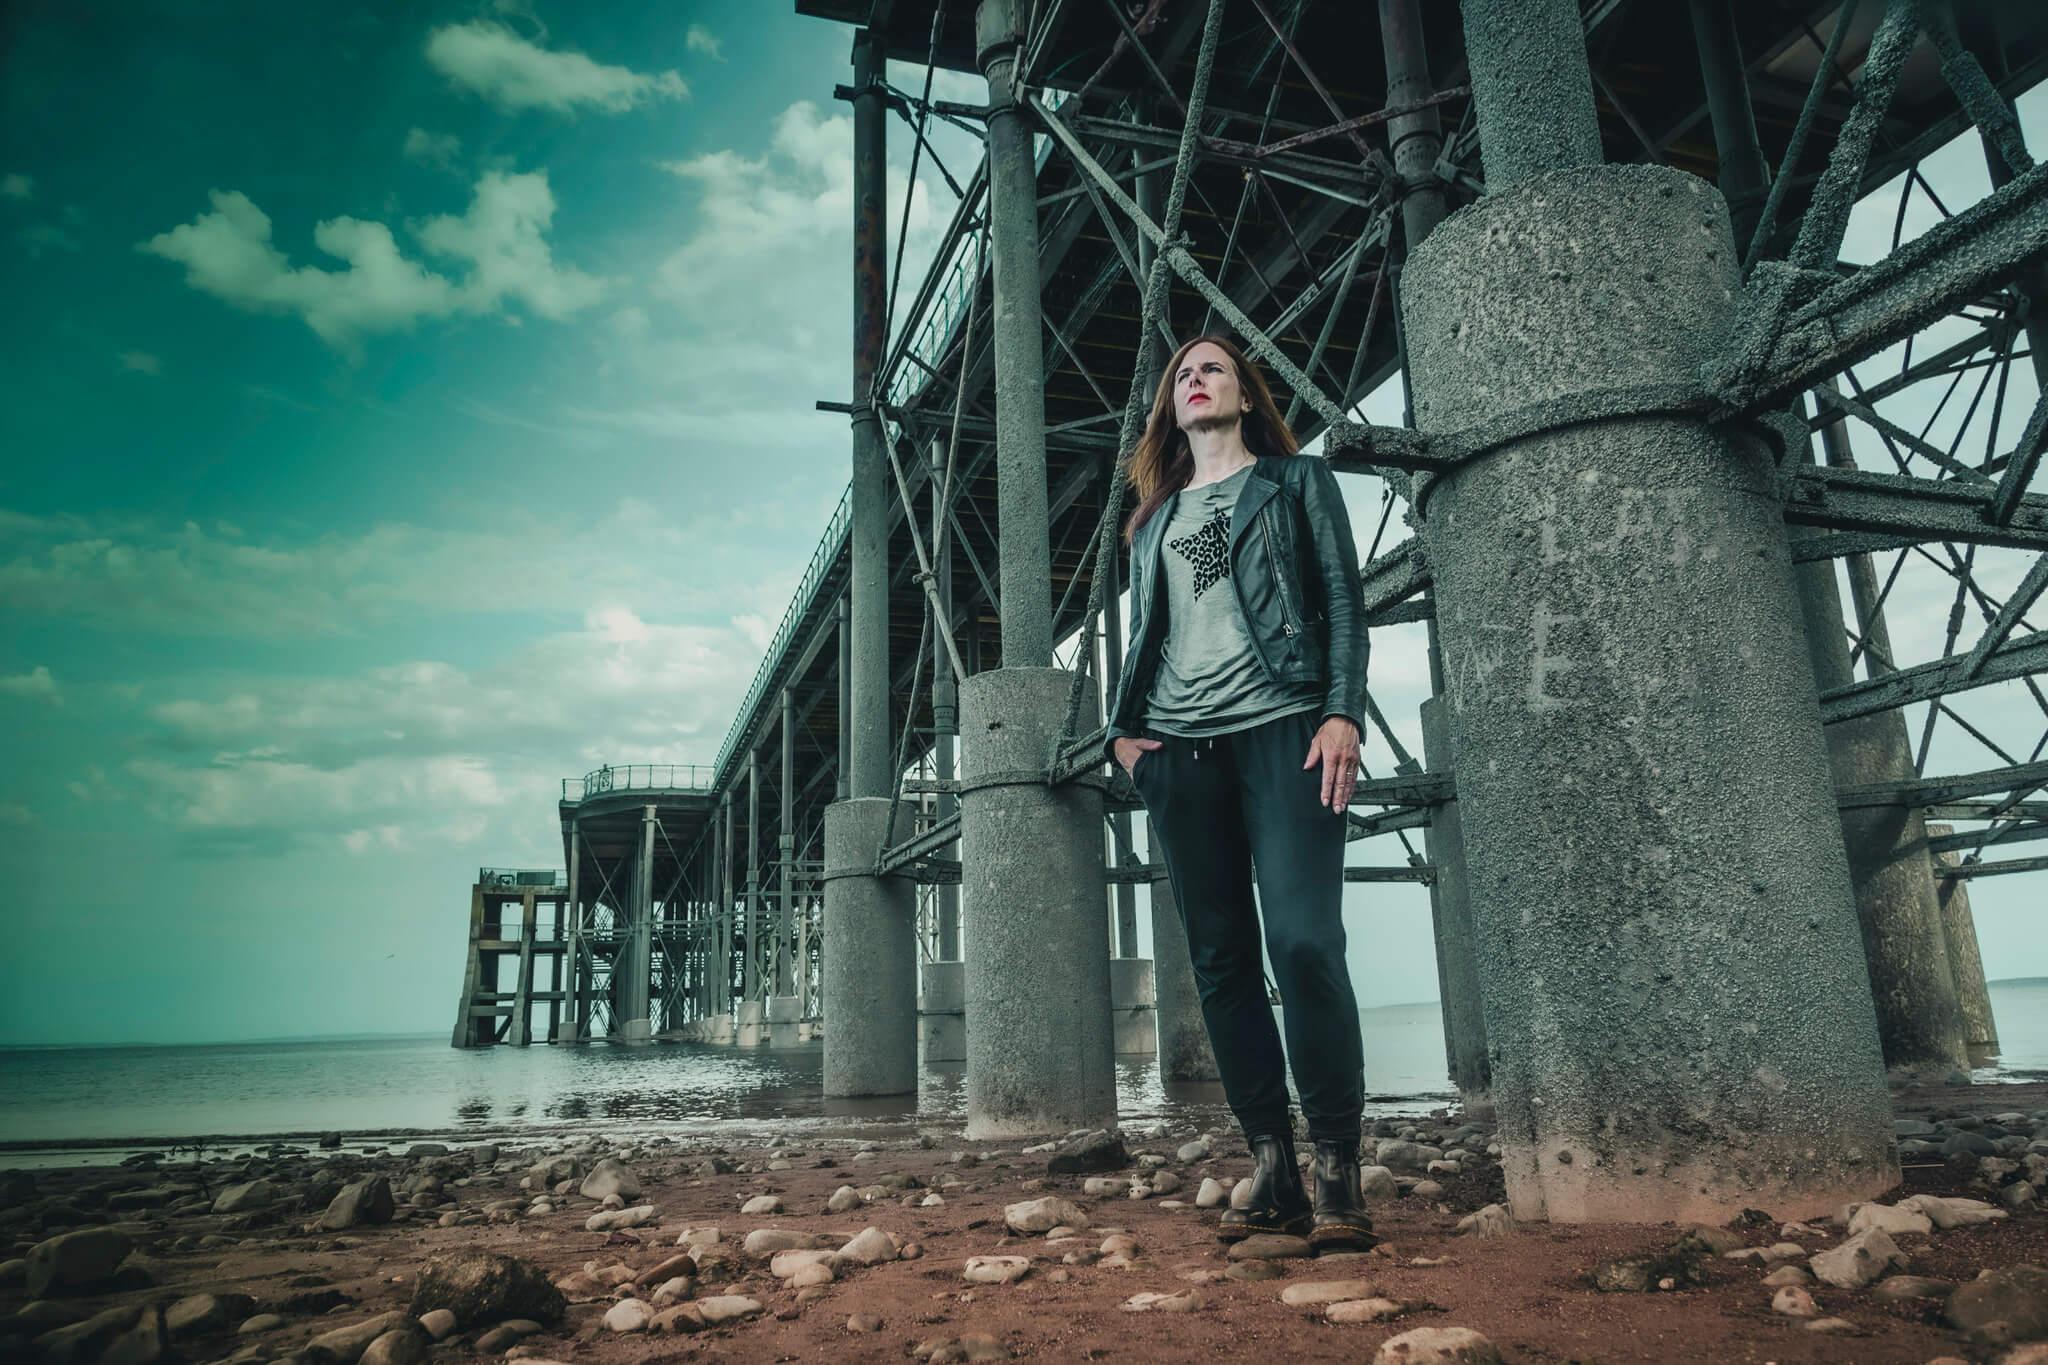 nell darby under bridge